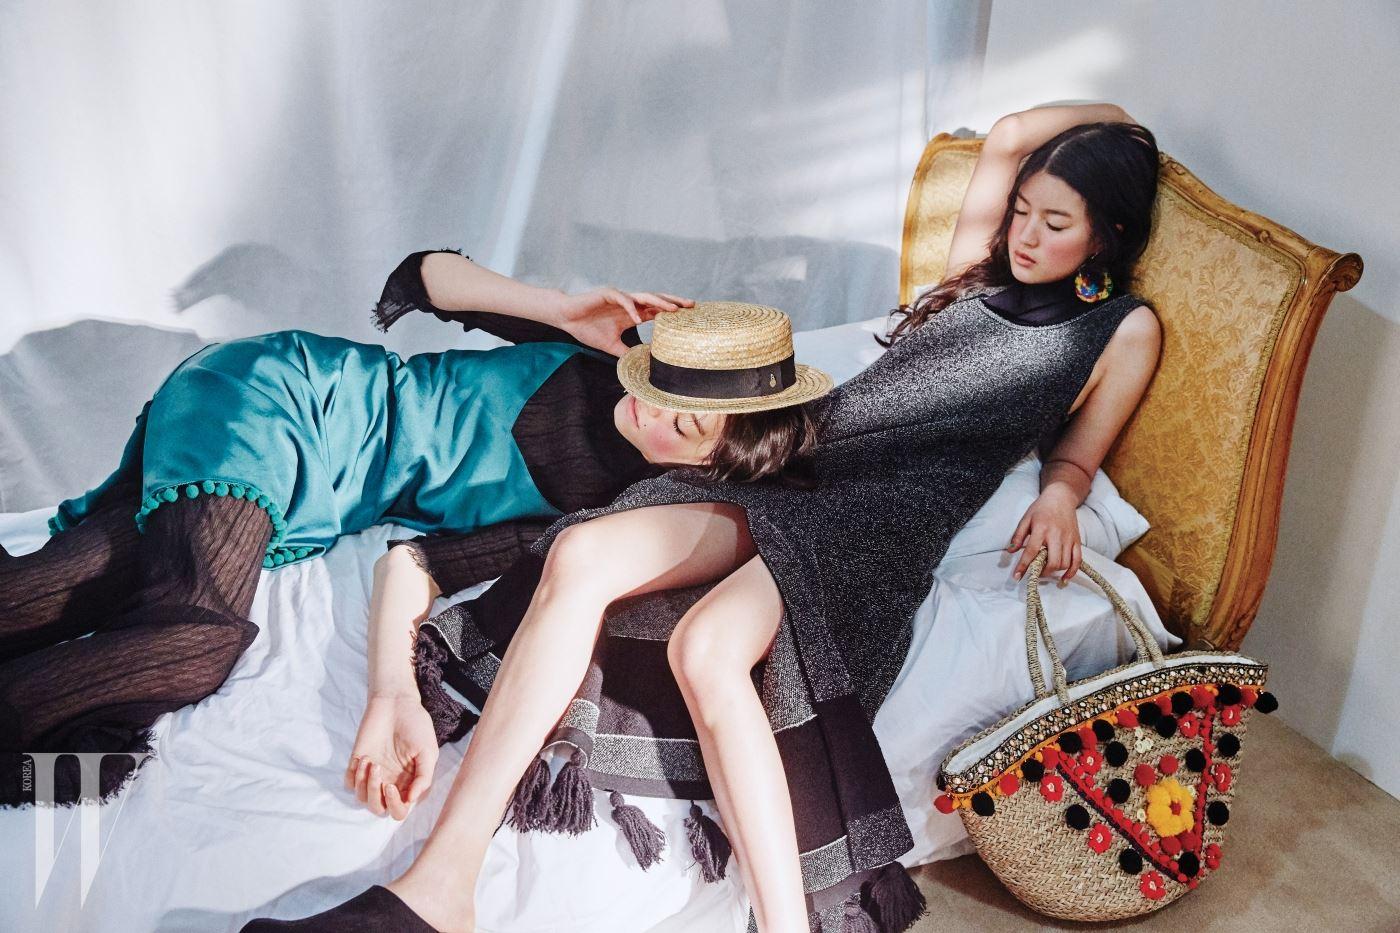 왼쪽부터 | 살결이 비치는 톱과 팬츠, 폼폼 장식 슬립 드레스는 모두 Lovlov, 라피아 모자는 Bimba Y Lola, 프린지 장식 니트 드레스와 나막신 뮬은 Proenza Schouler, 알록달록한 폼폼 장식 귀고리는 Rosantica by Net-a-Porter, 민속적인 무드의 라피아 토트백은 Mystique by Shopbop 제품.